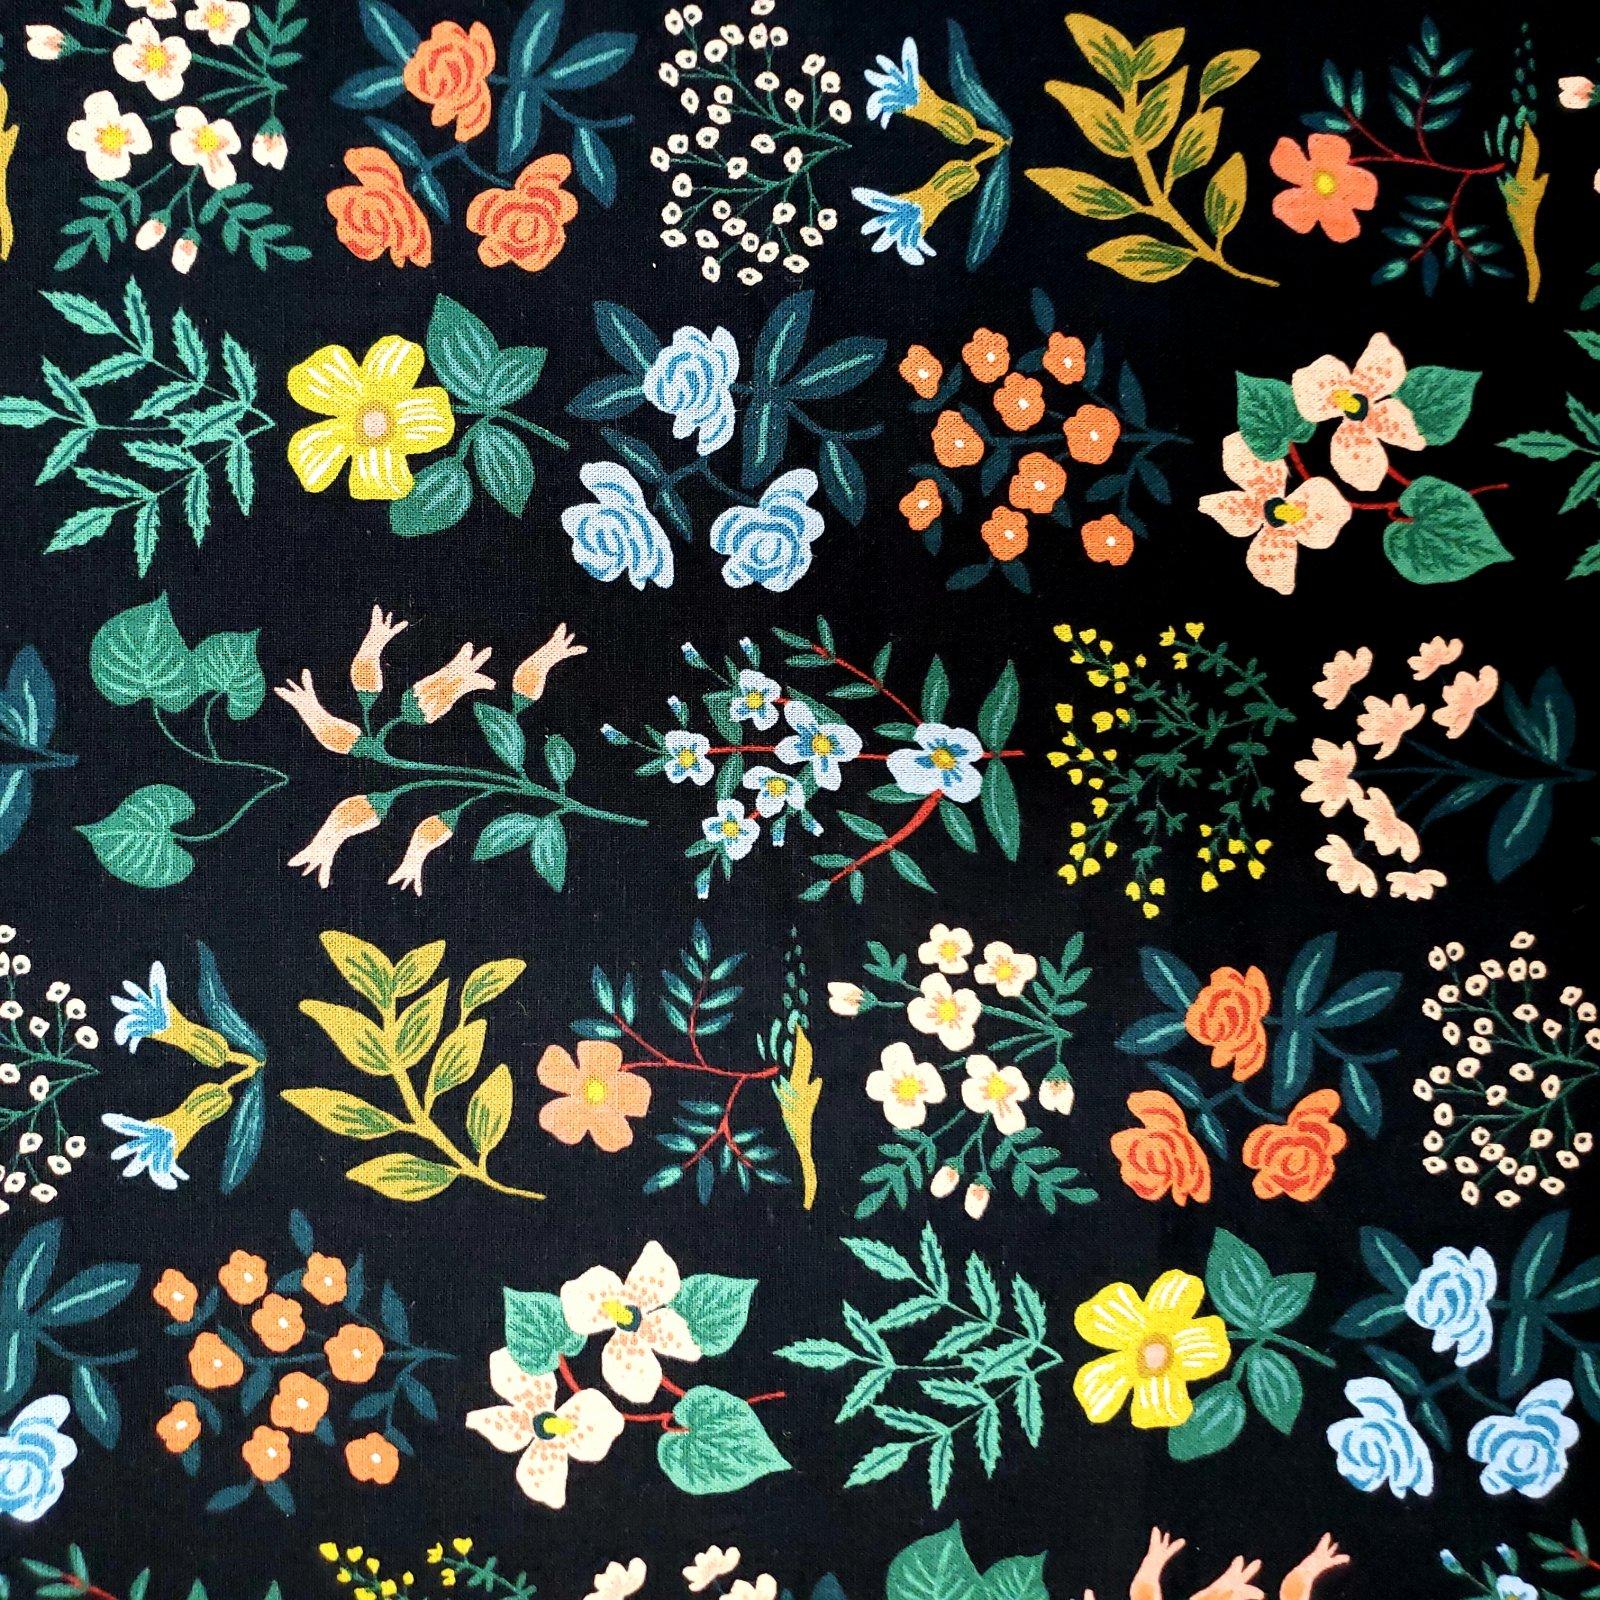 Meadow Wildflower Field Black Canvas Rifle Paper Co.